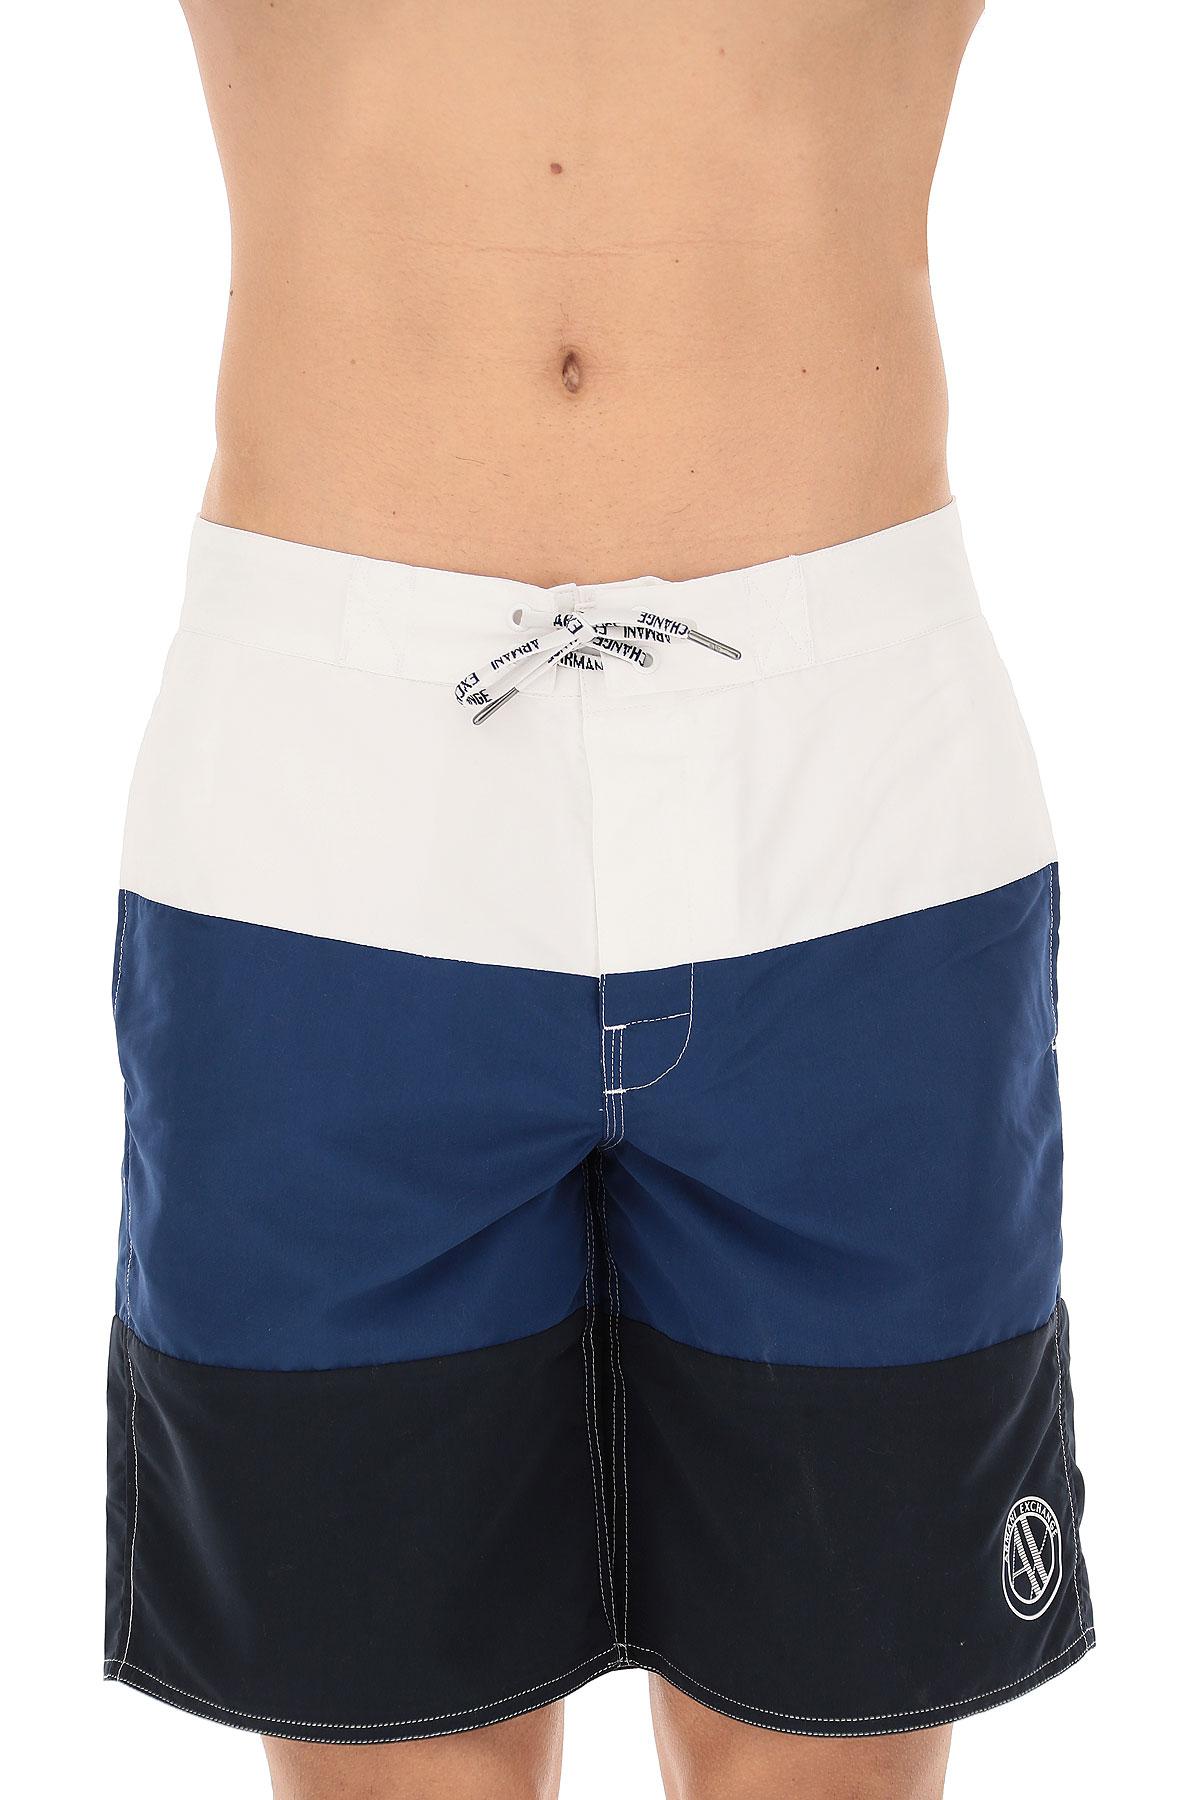 Nouveau Emporio Armani Short de Bain Homme Pas cher en Soldes Outlet, Bleu,  Polyester, 26e24ef1866